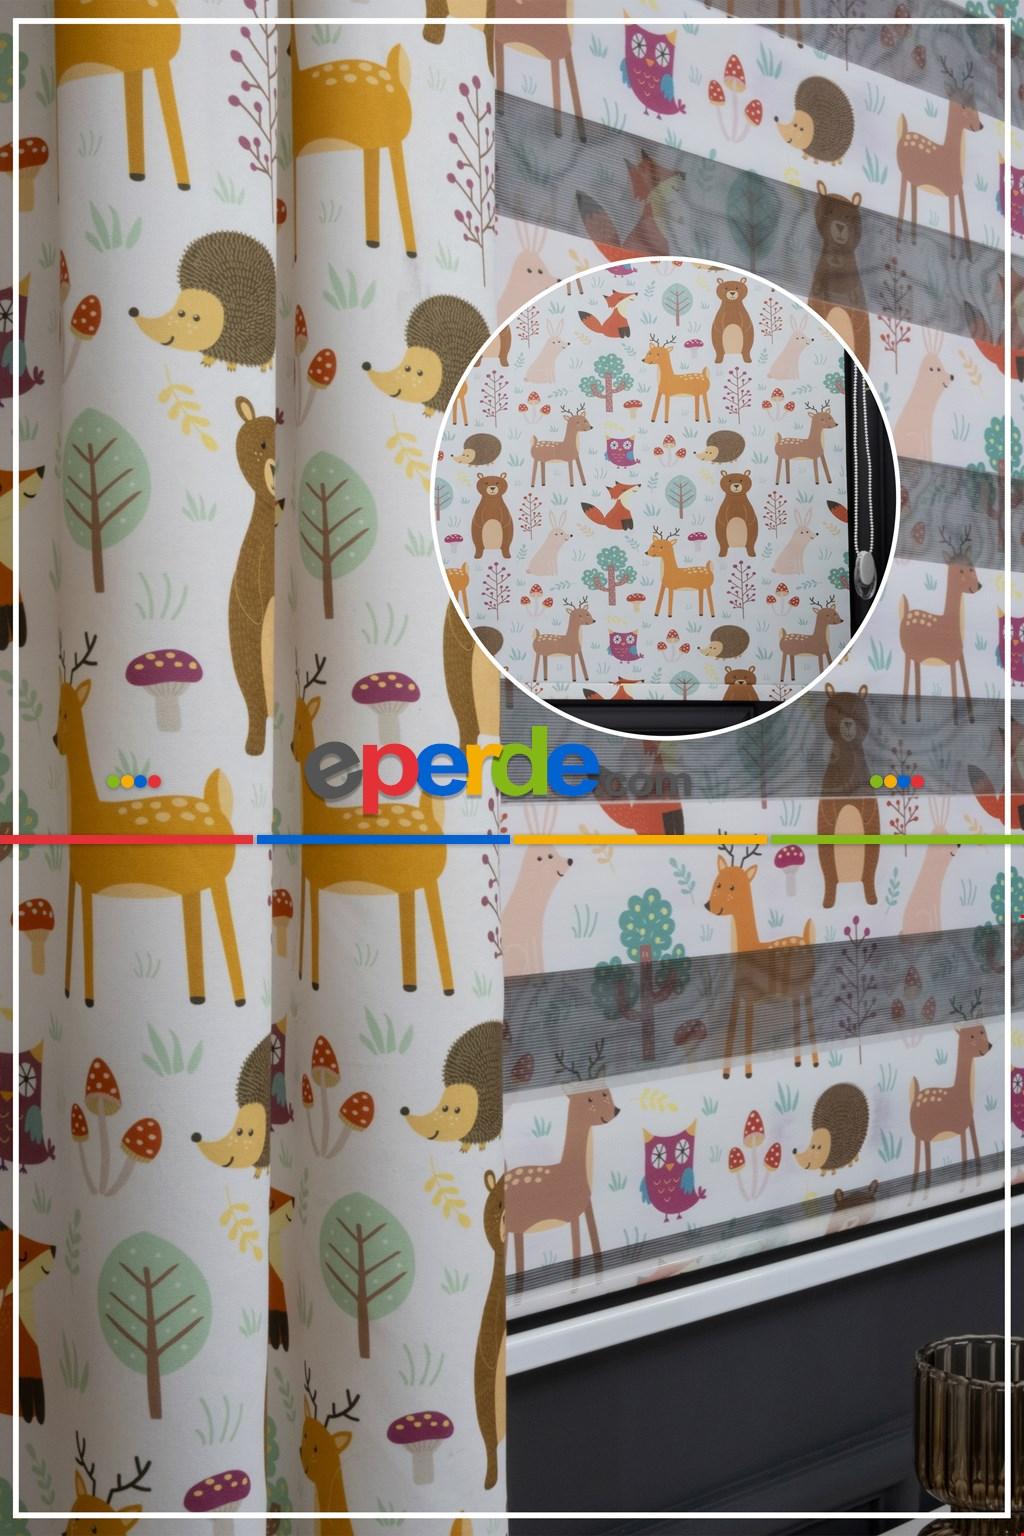 Trend Bebek - Çocuk - Genç Odası Fon Perde Modelleri 2021 (sınırsız En Ölçüsü )-kiremit Rengi-kahve-hardal Sarısı-fıstık Yeşili